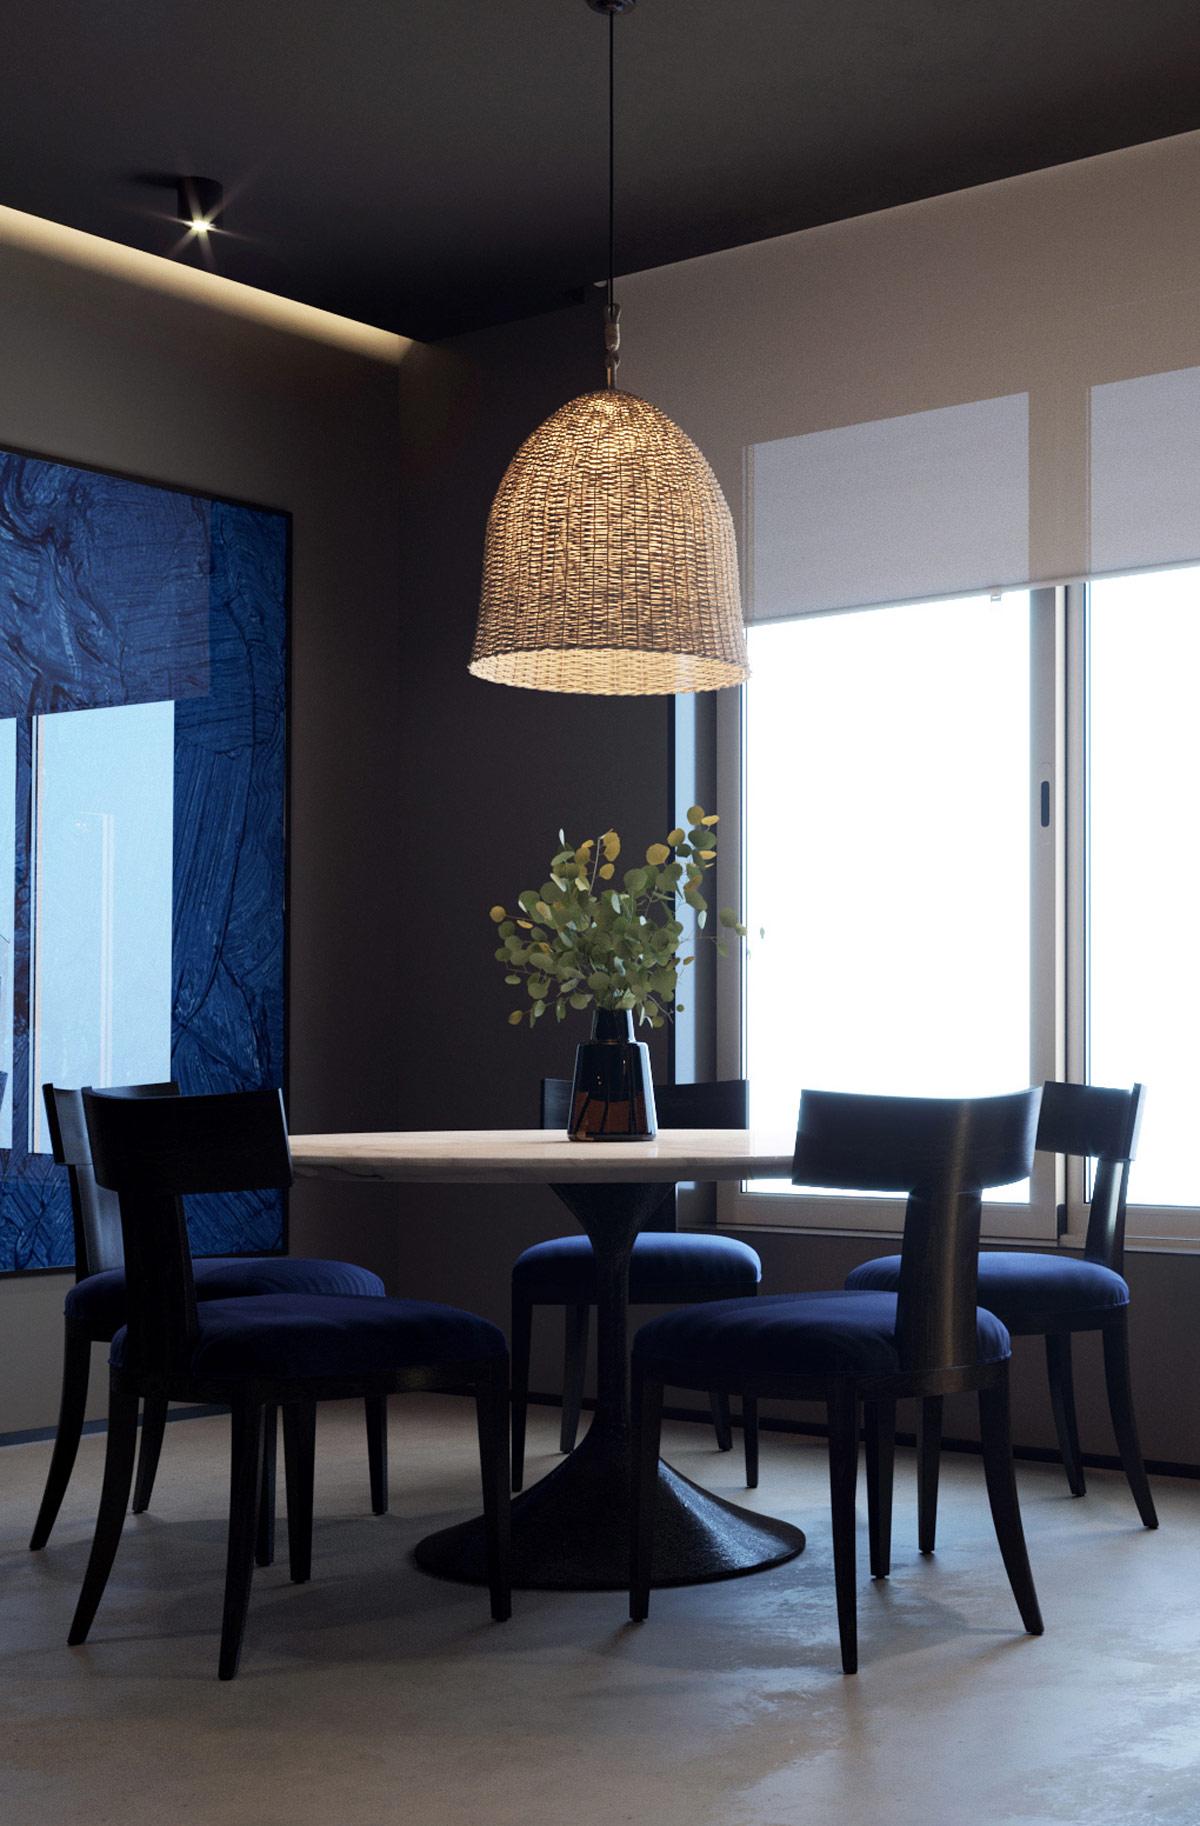 chiếu sáng xuống bàn ăn có bệ tròn  bằng đá cẩm thạch bóng loáng . Bóng râm tự nhiên tạo nên sự tương phản tinh tế về màu sắc với môi trường xung quanh được trang trí tối và những chiếc ghế ăn bọc đệm màu xanh sang trọng. Nghệ thuật treo tường hiện đại làm tràn điểm nhấn màu xanh lam lên bức tường phòng ăn màu xám đầy buồn bã.